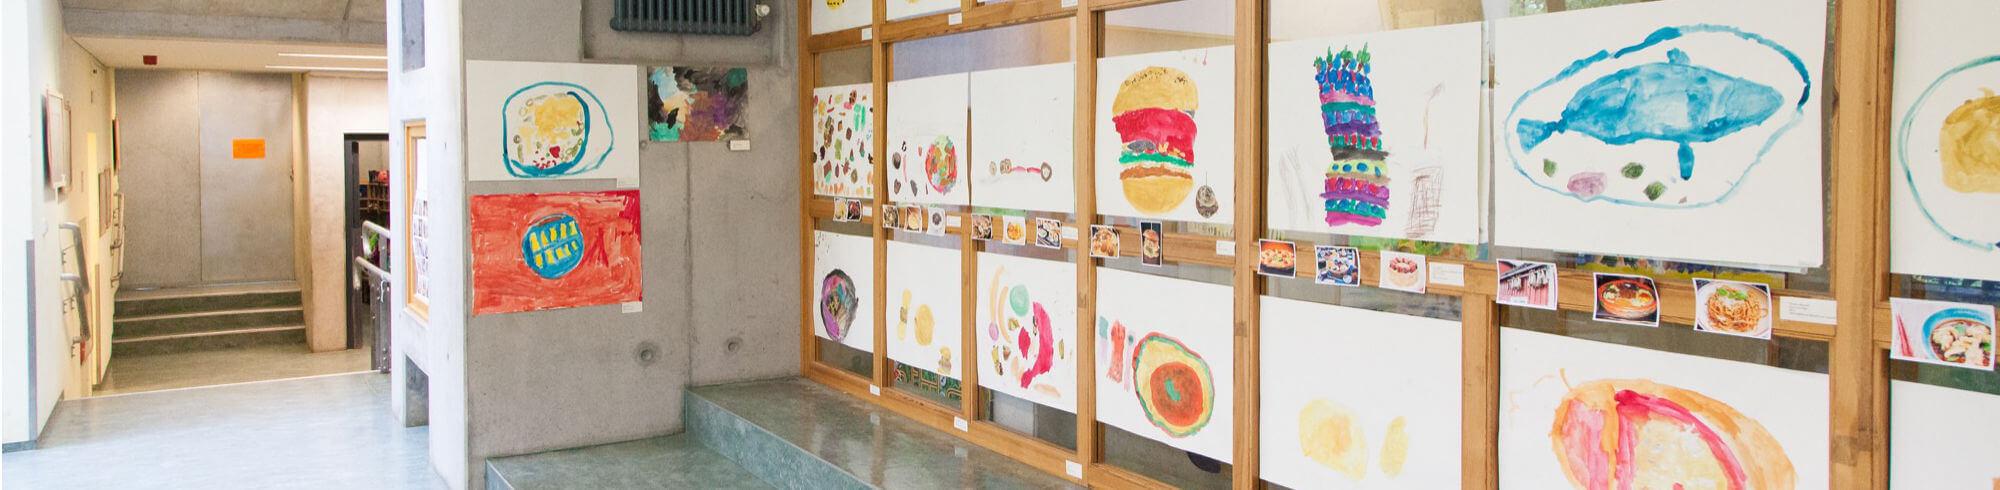 Elterncafe der Kita Maris. Vieel getuschte Bilder hängen an der Wand-